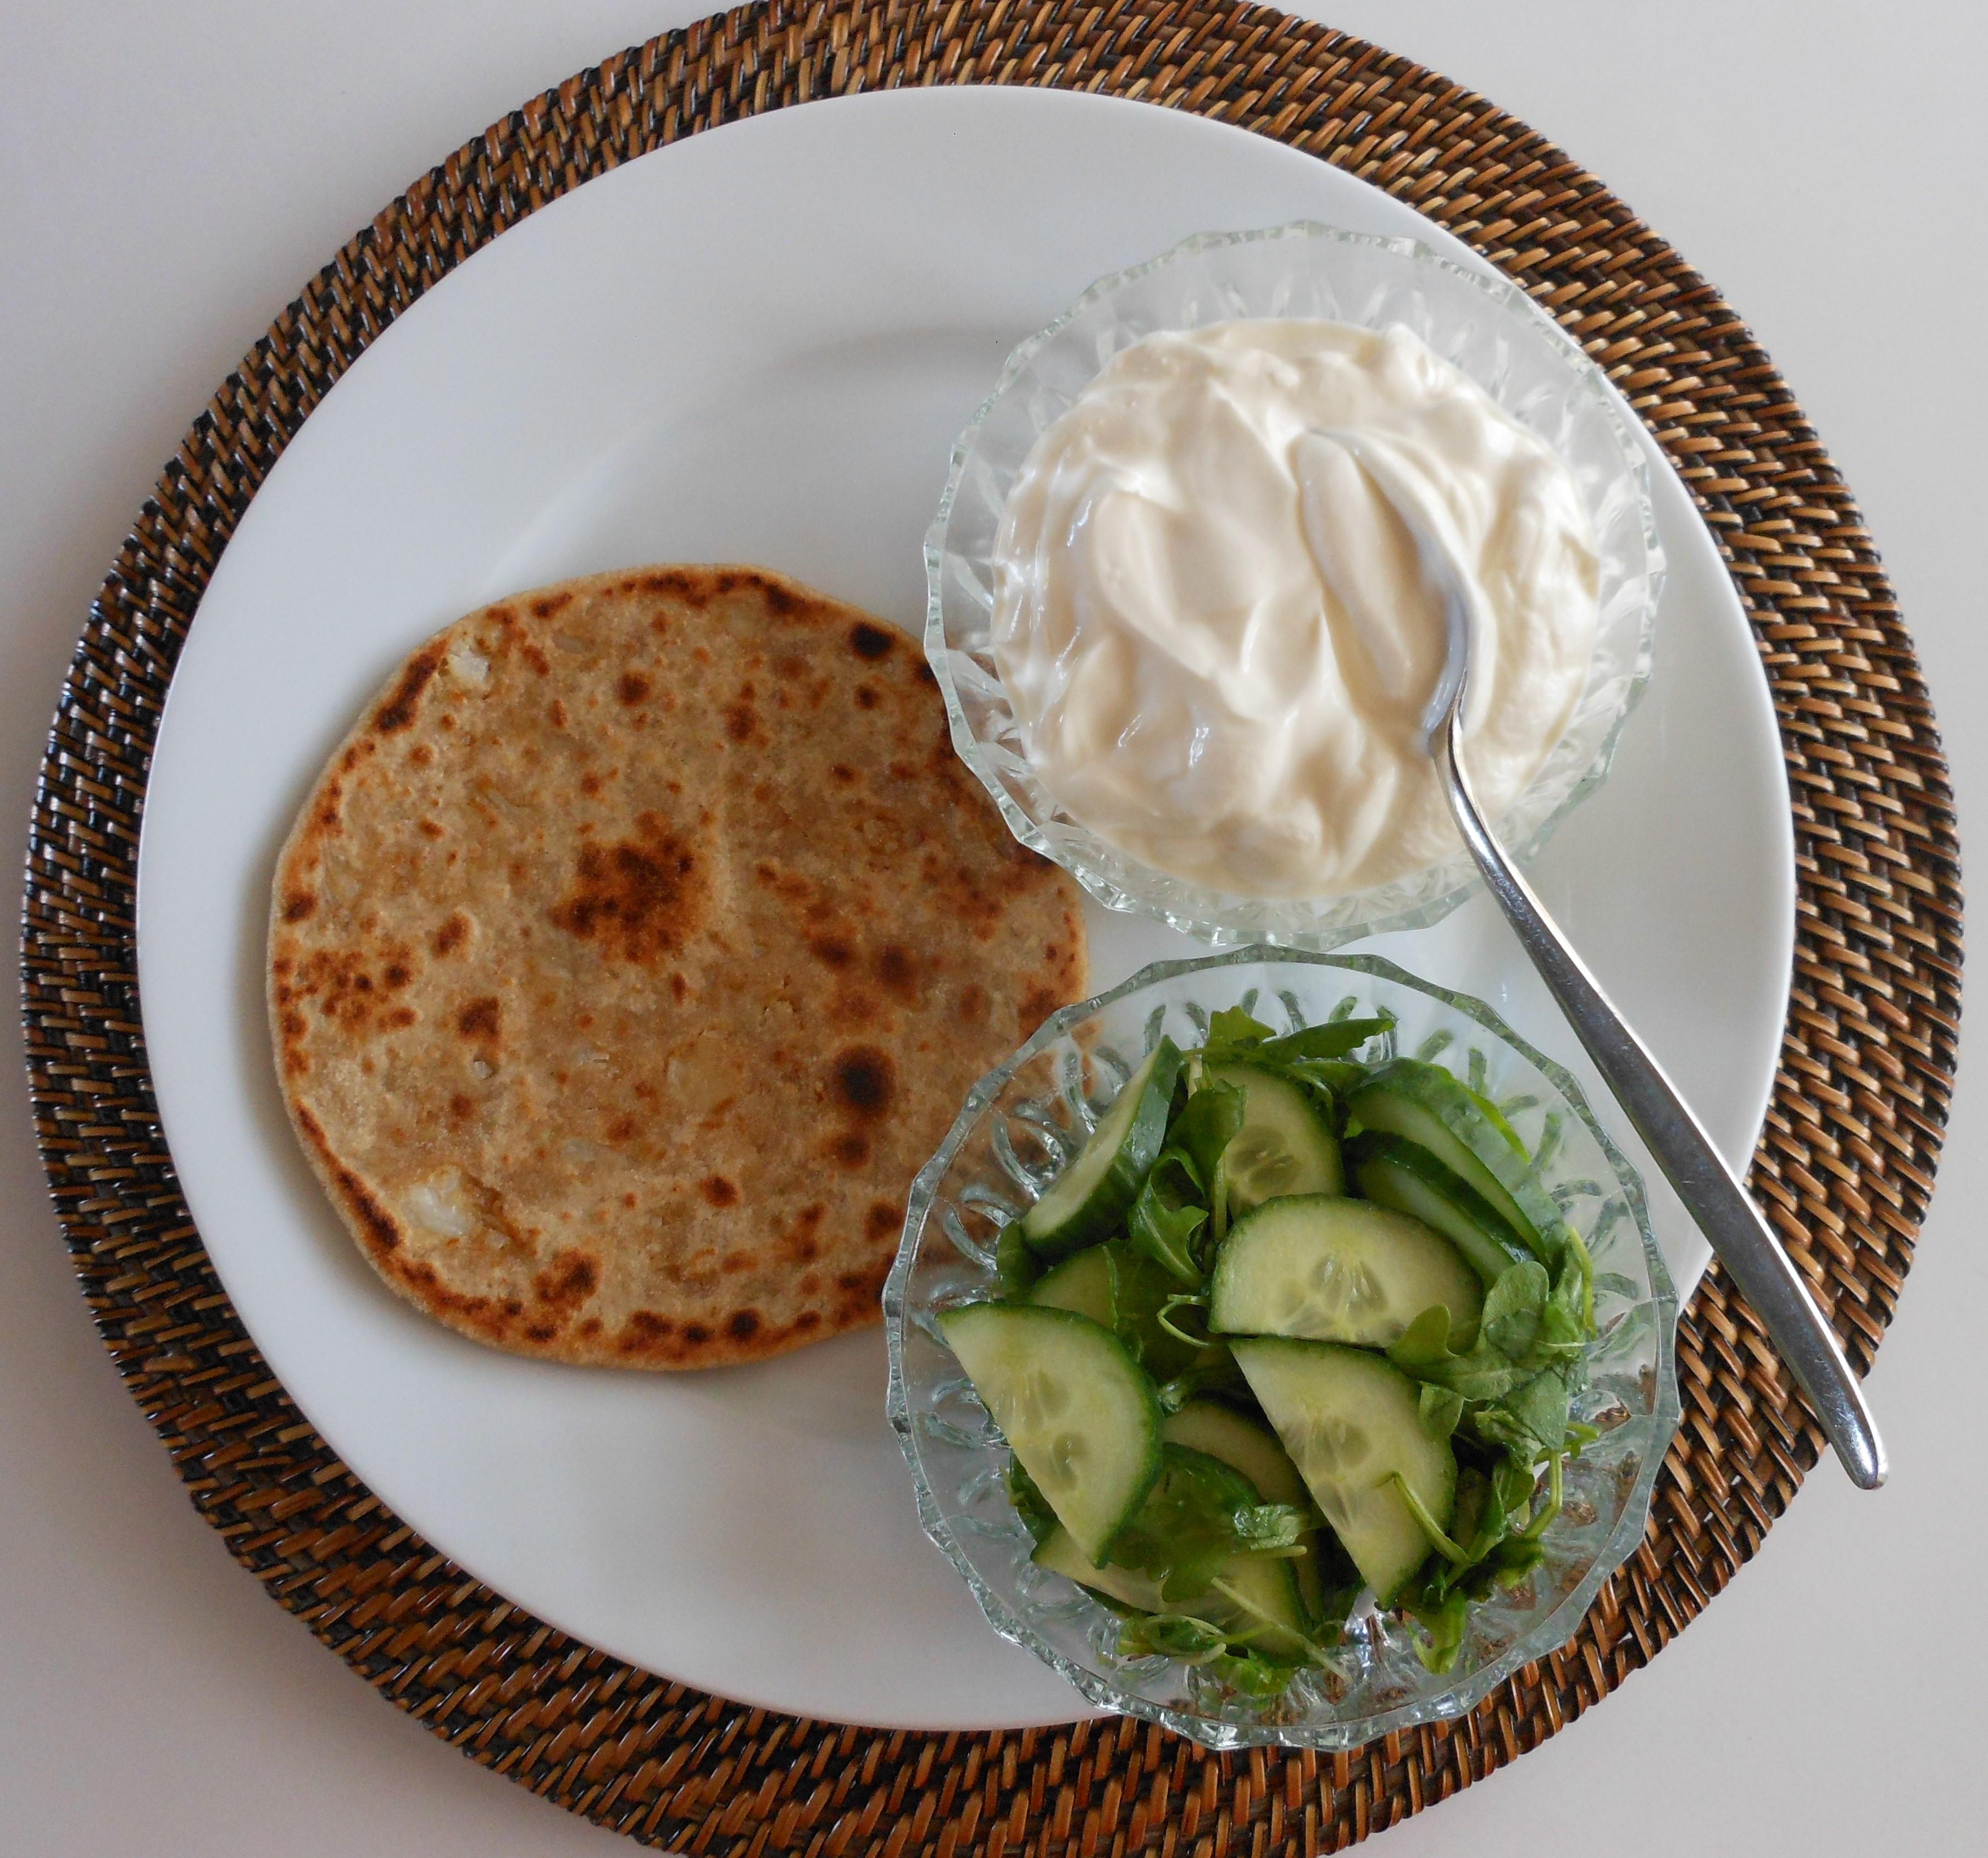 Paratha (gevulde roti)